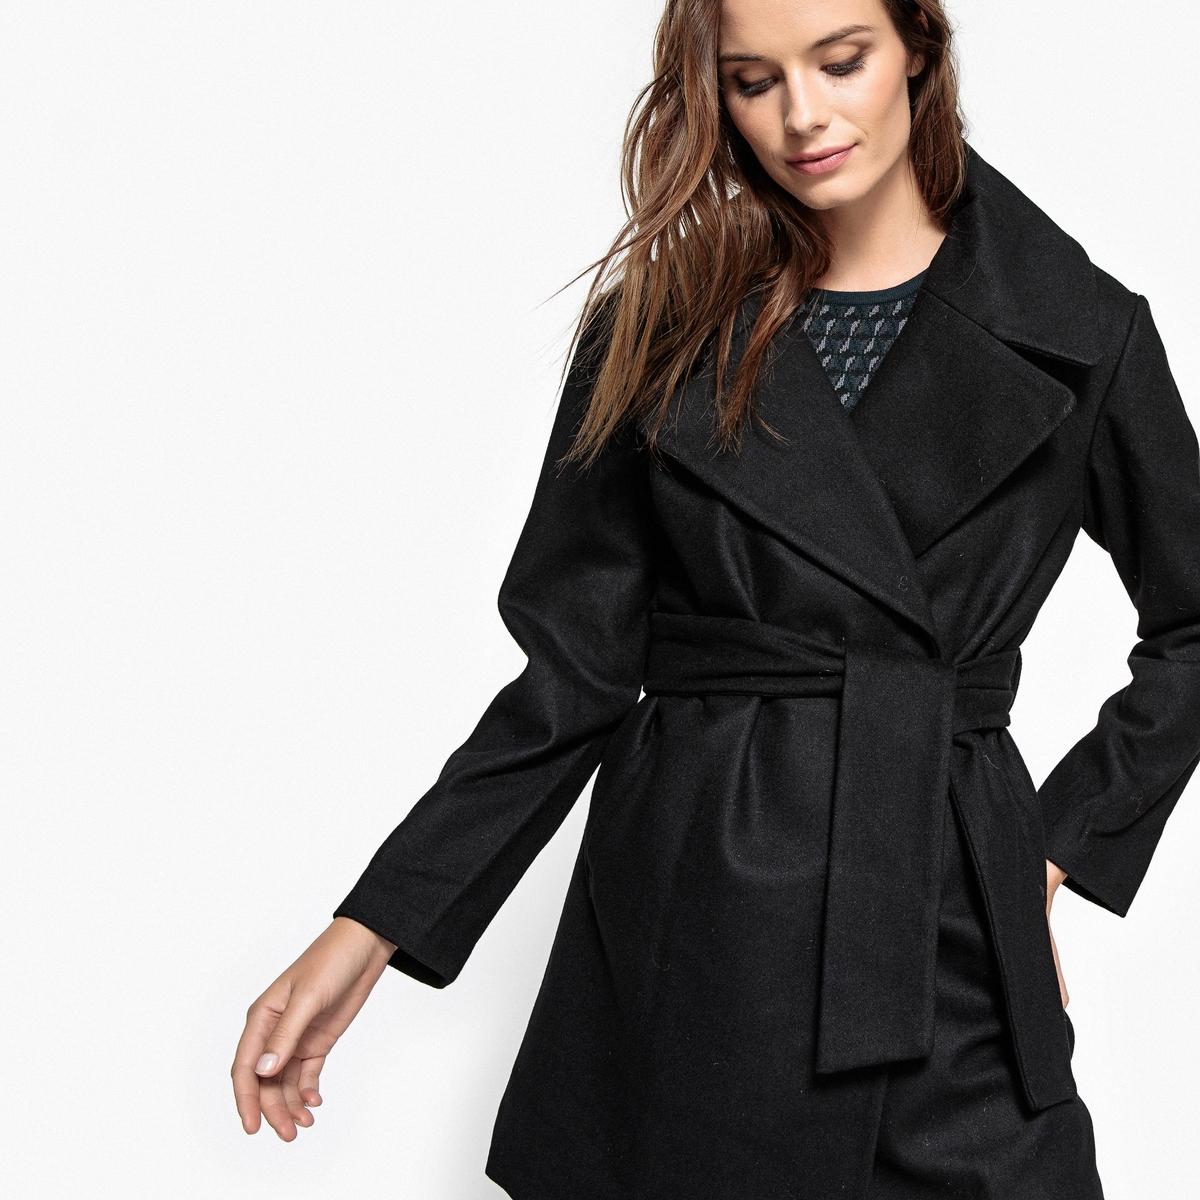 Пальто средней длины, зимняя модельОписание •  Длина  : средняя  •  Воротник-поло, рубашечный  • Застежка на пуговицы Состав и уход •  50% шерсти, 50% полиэстера •  Следуйте рекомендациям по уходу, указанным на этикетке изделия<br><br>Цвет: черный<br>Размер: S.M